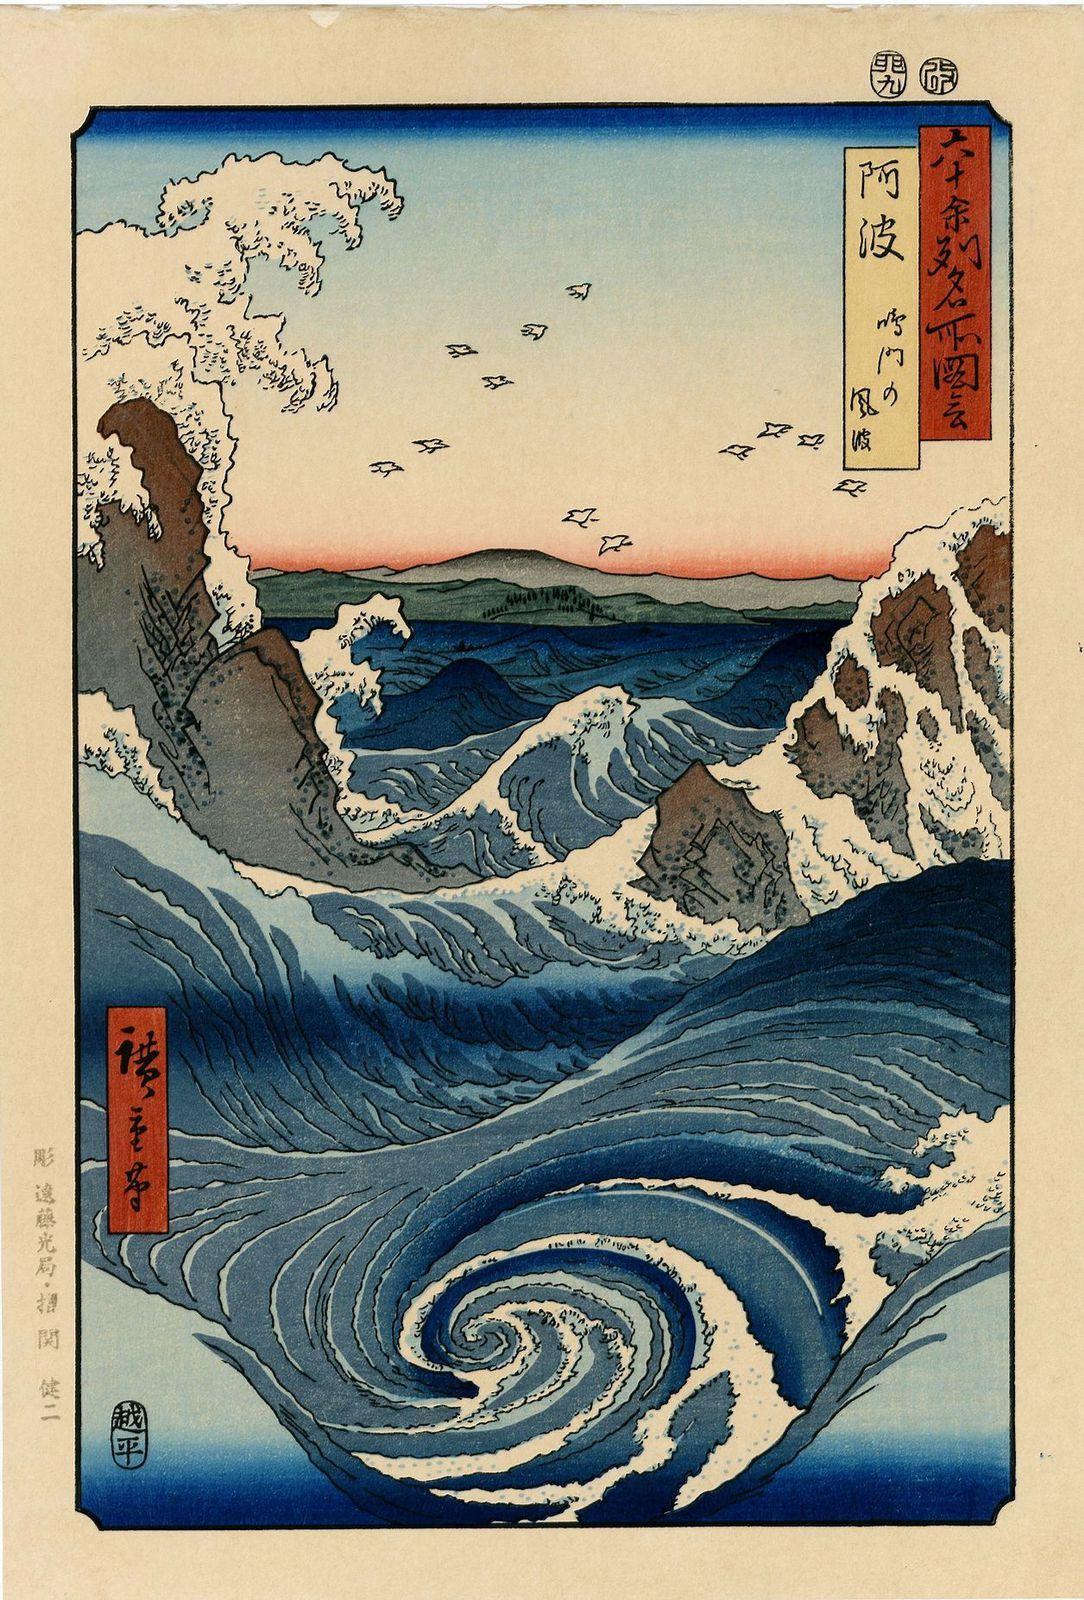 vends véritables estampes japonaises de Hiroshige : &quot&#x3B;les plus belles vagues&quot&#x3B;